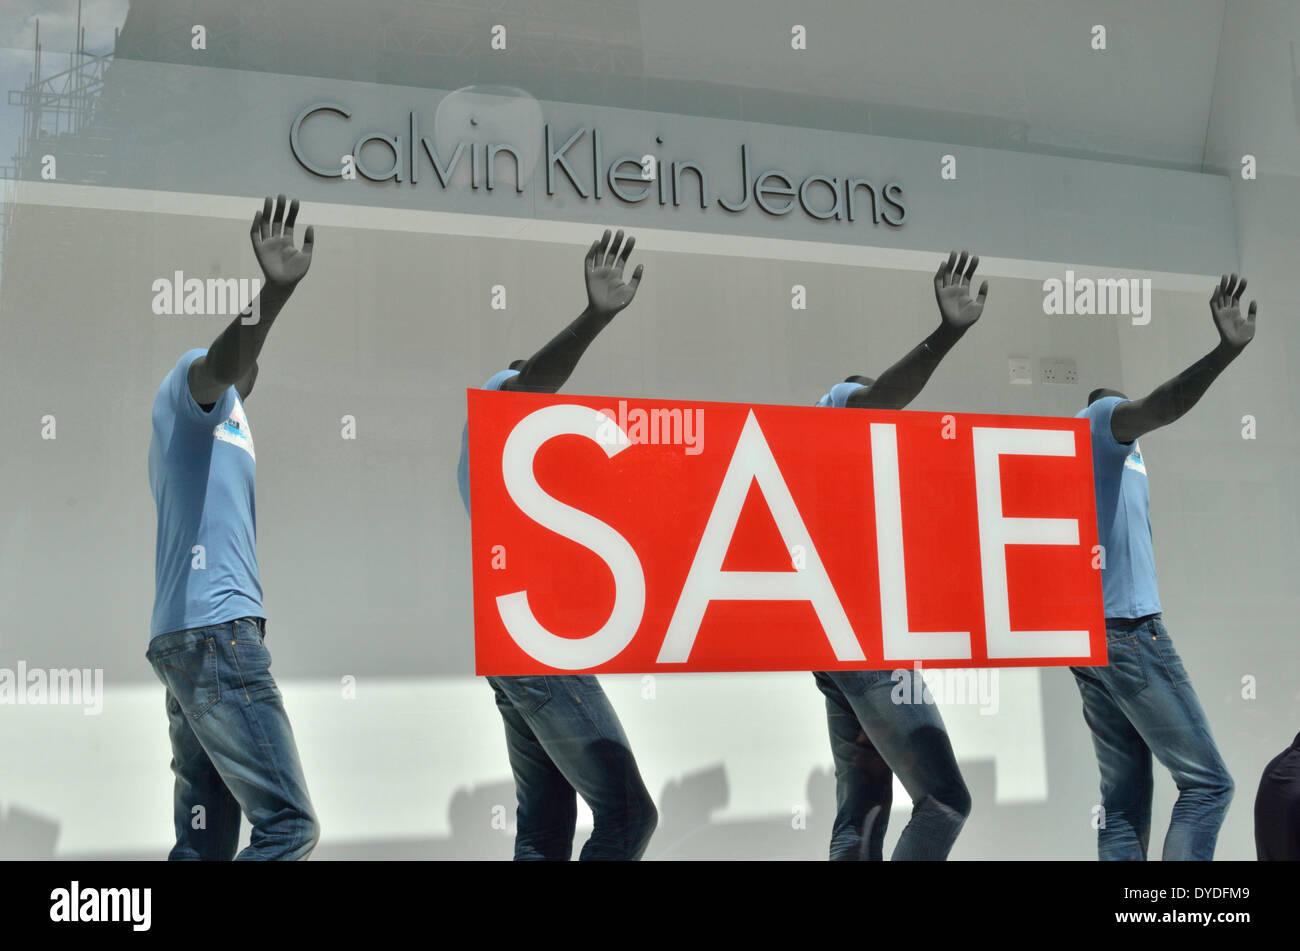 check out 6513f c131e Calvin Klein Jeans vendita accedi alla vetrina di un negozio ...